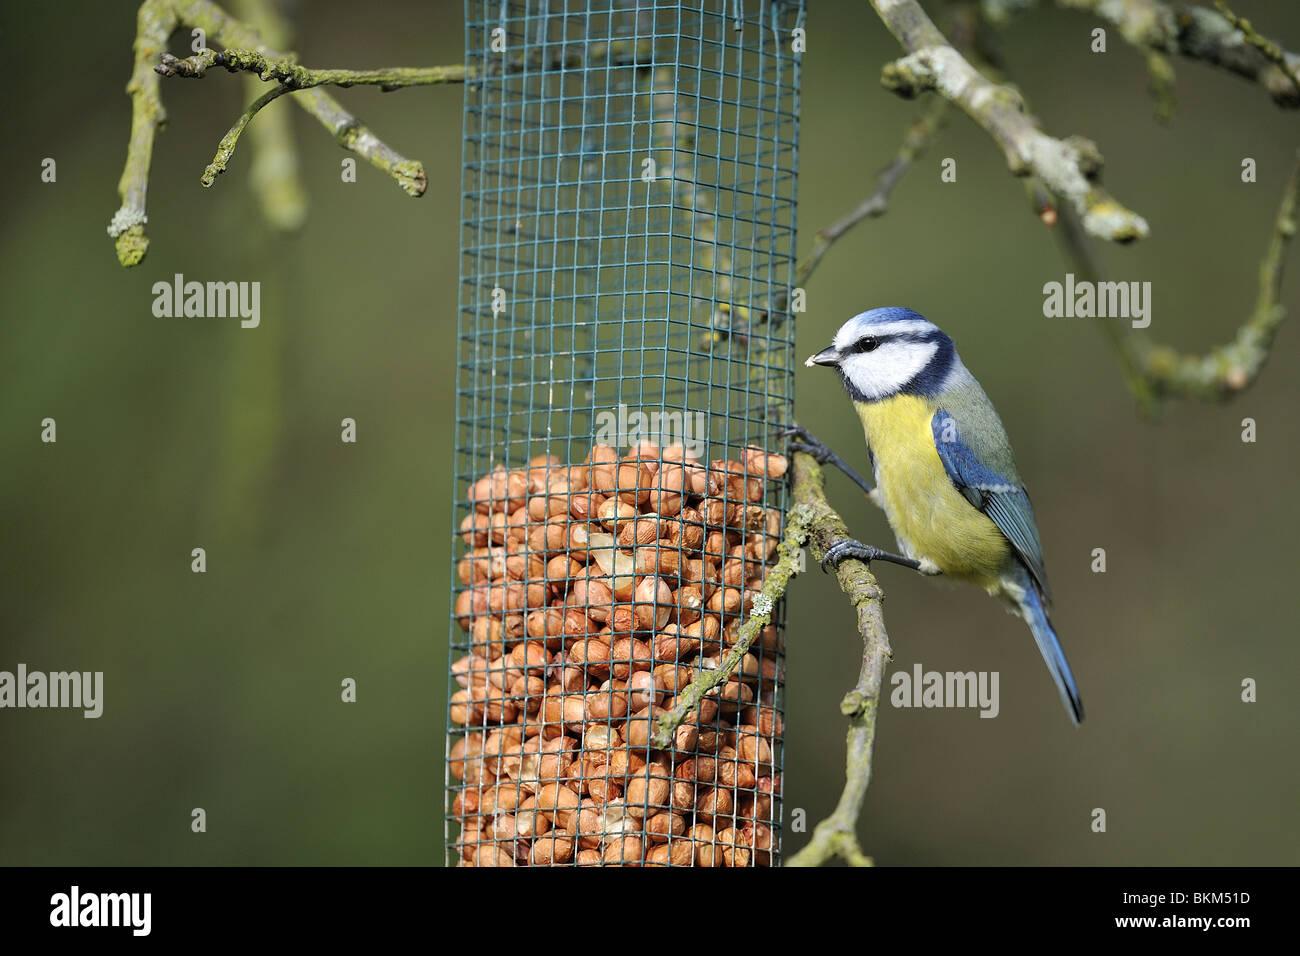 blaumeise essen erdnüsse in eine futterstation vögel stockfoto, bild